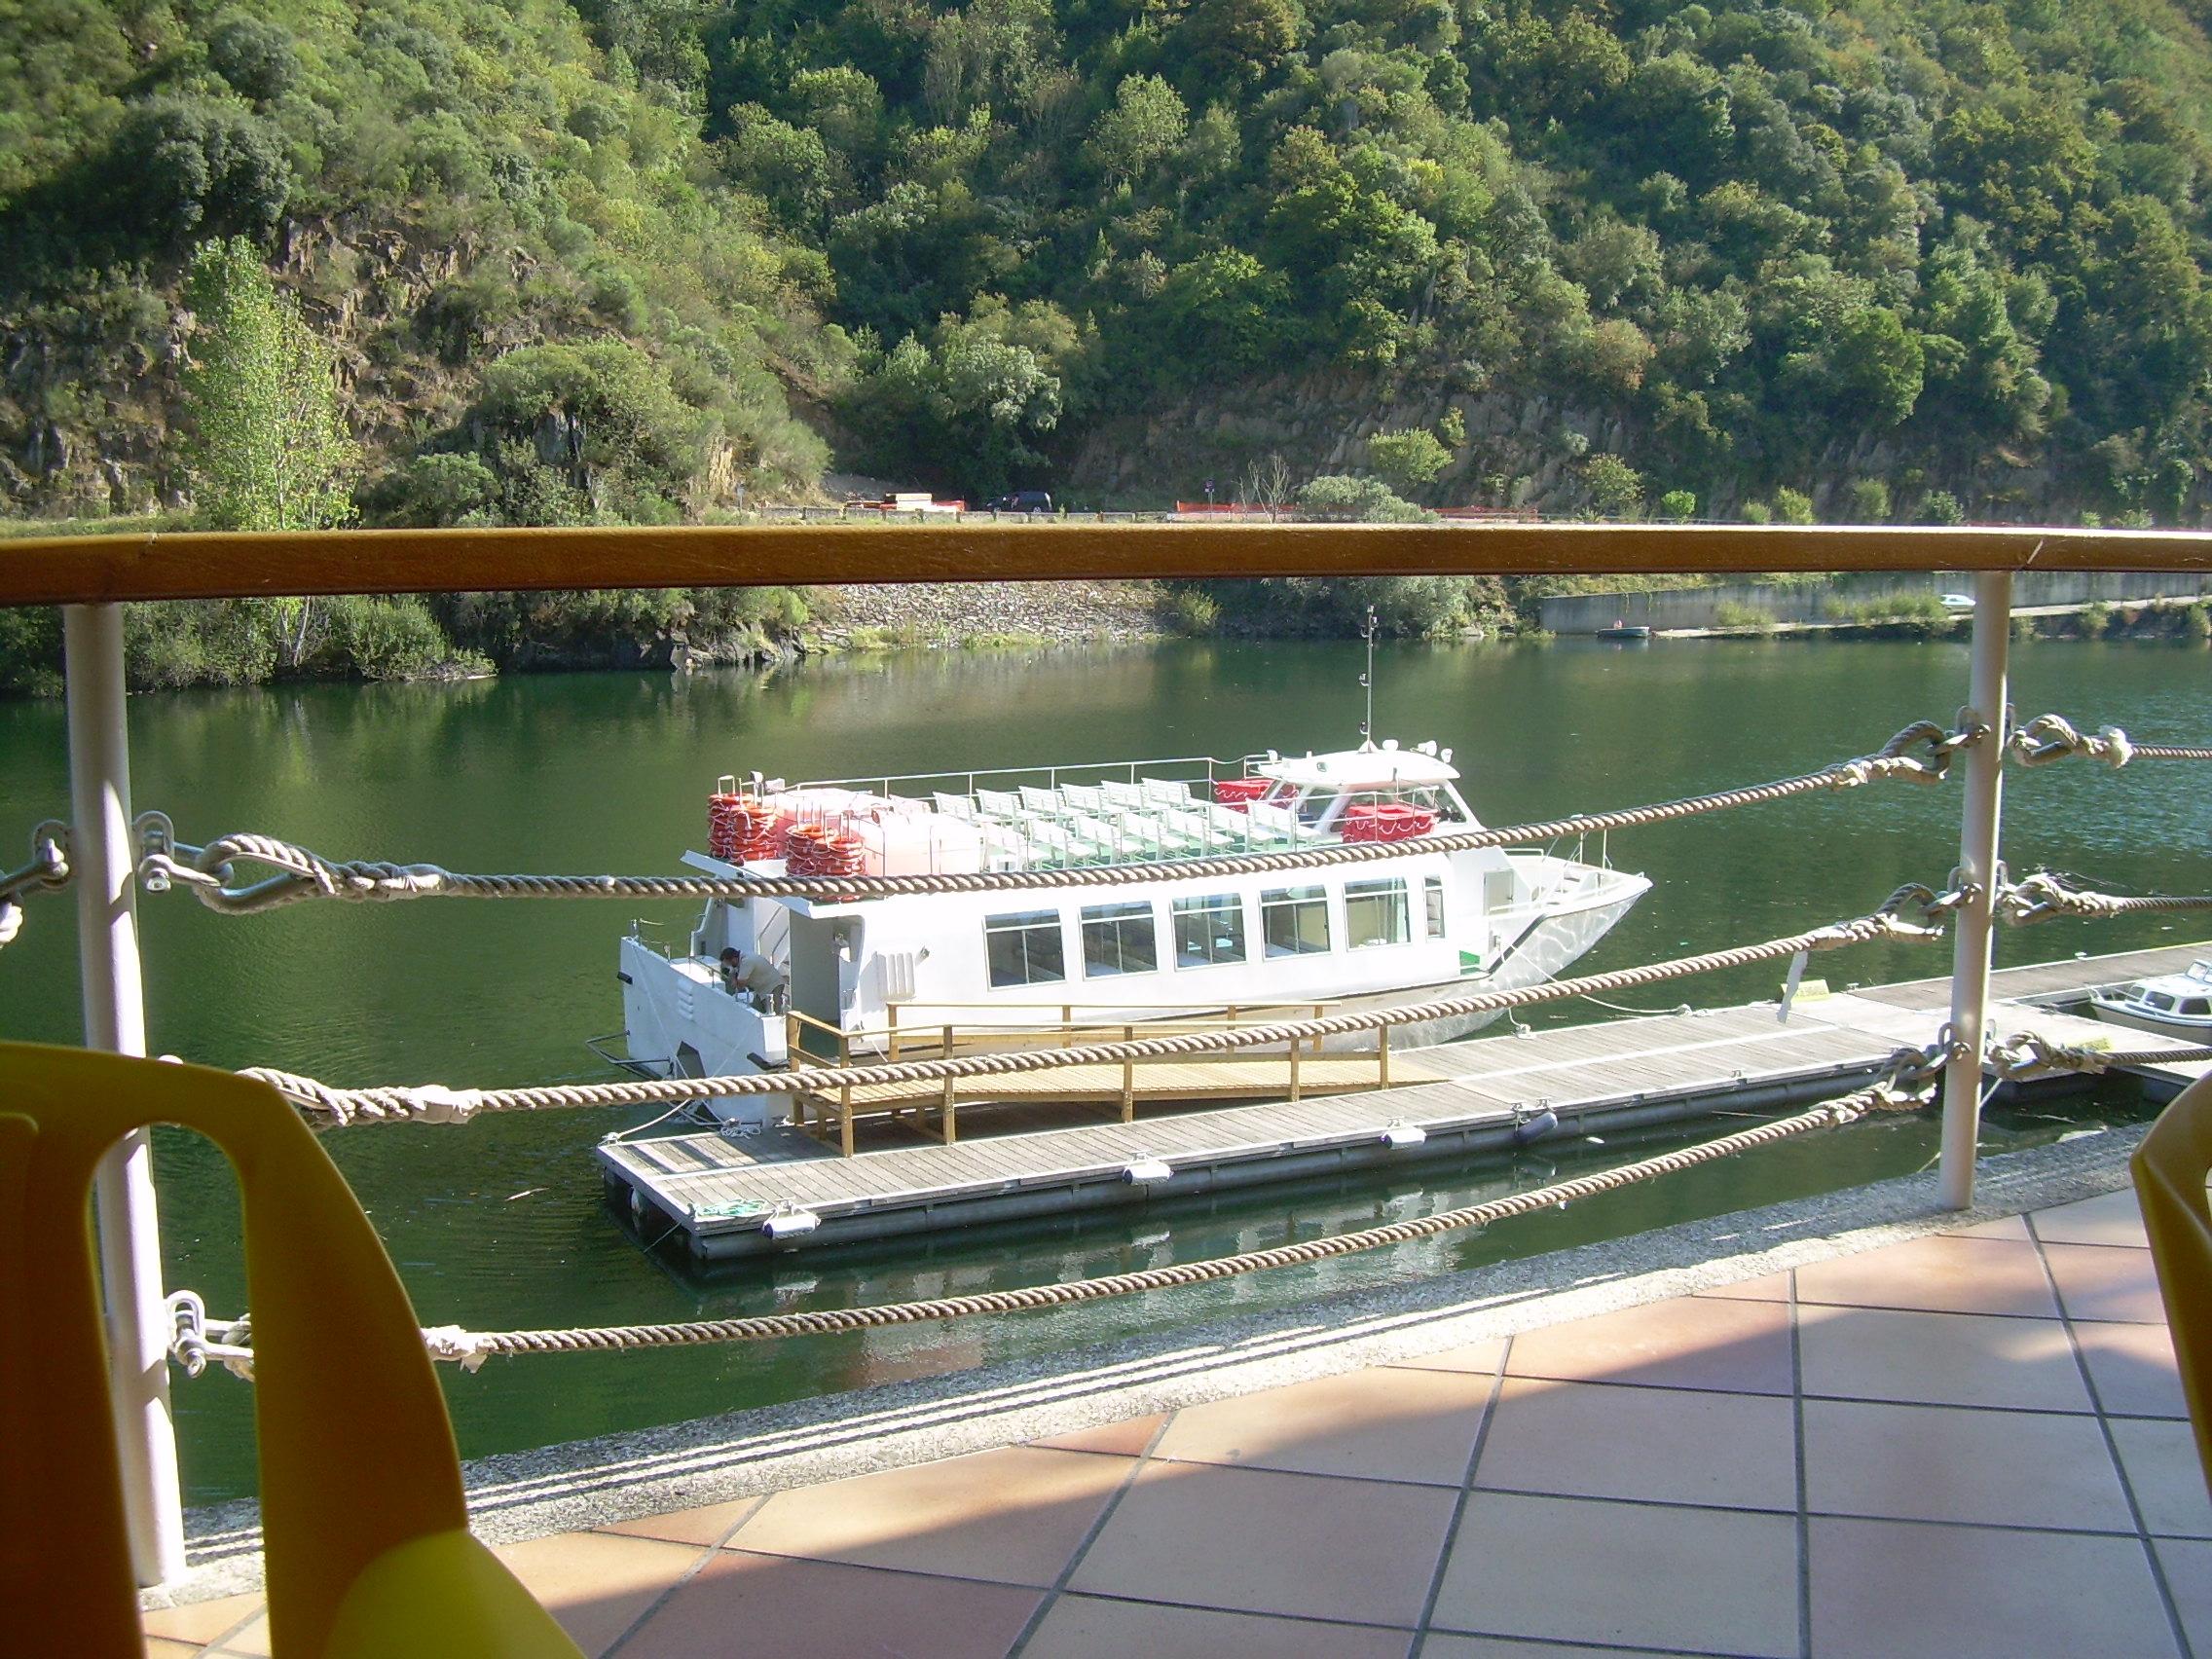 catamaran-riveira sacra